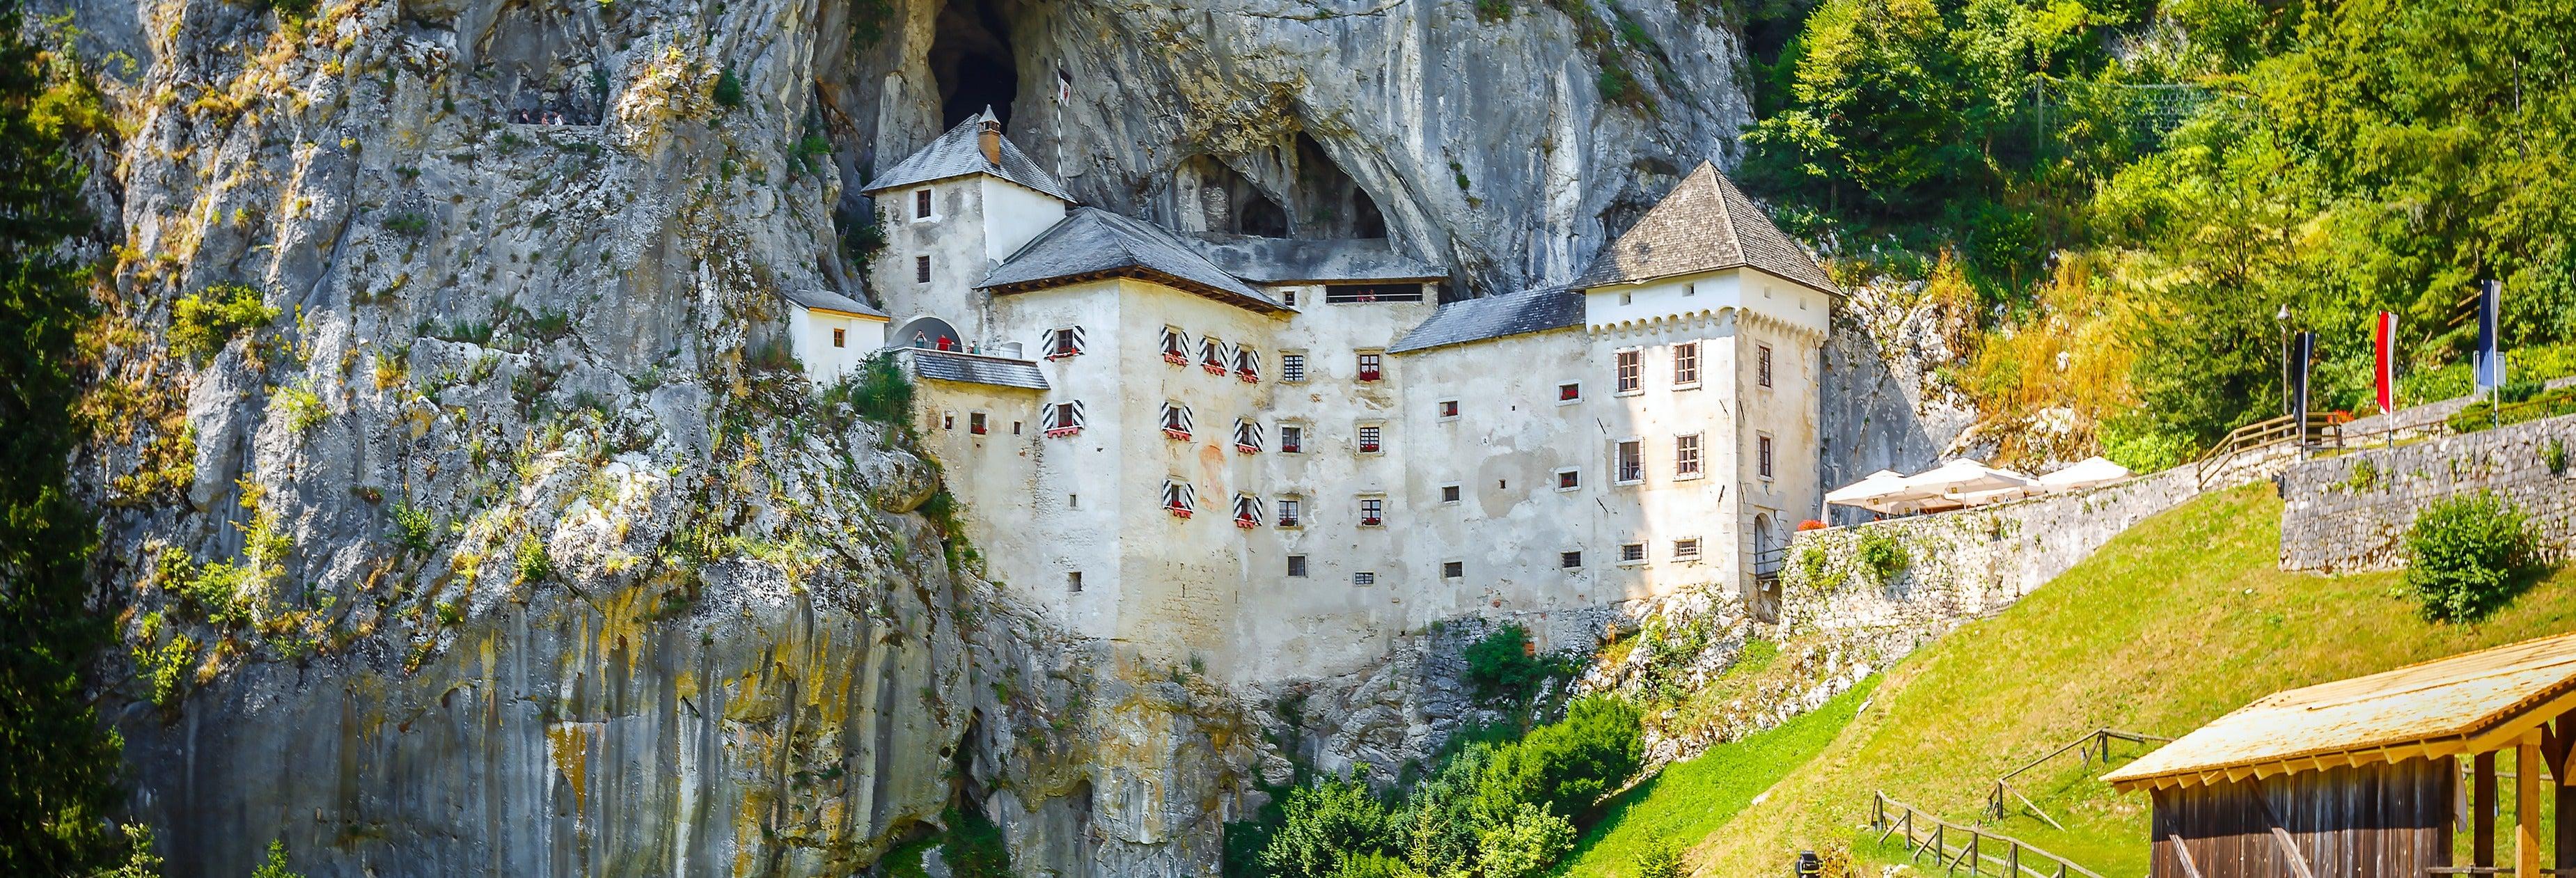 Excursão à caverna Postojna e ao castelo de Predjama